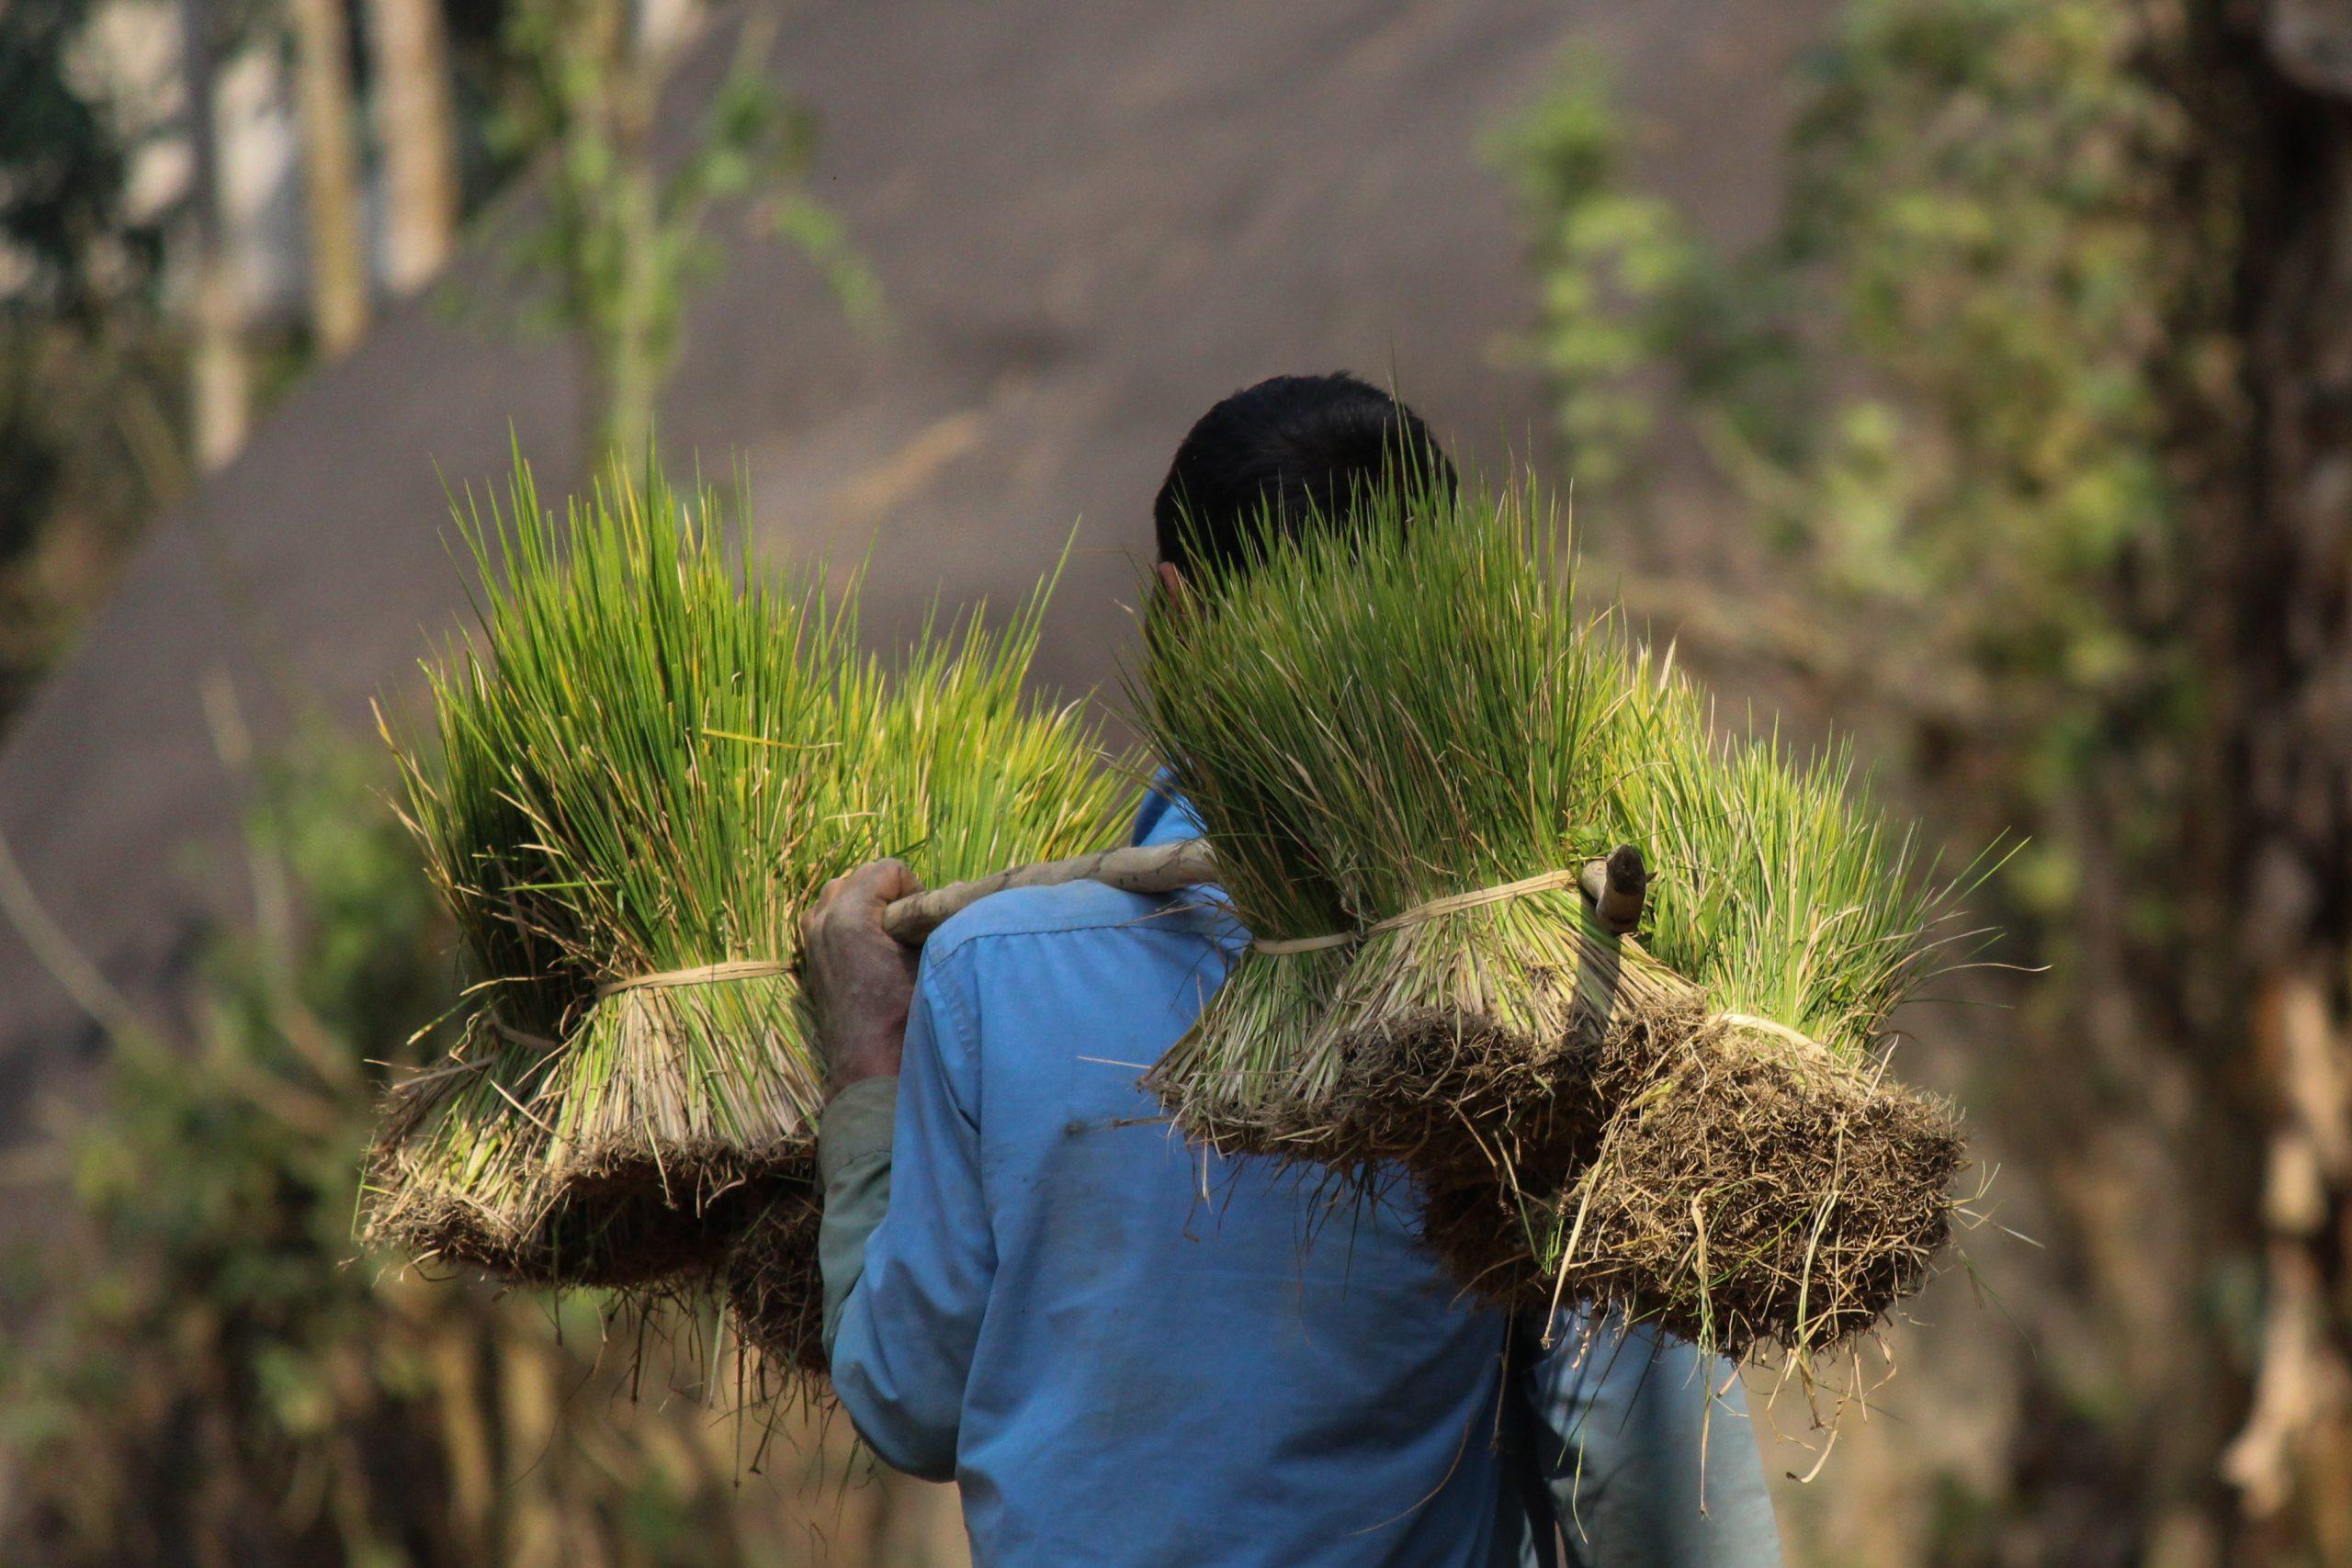 Farmer carrying seedlings